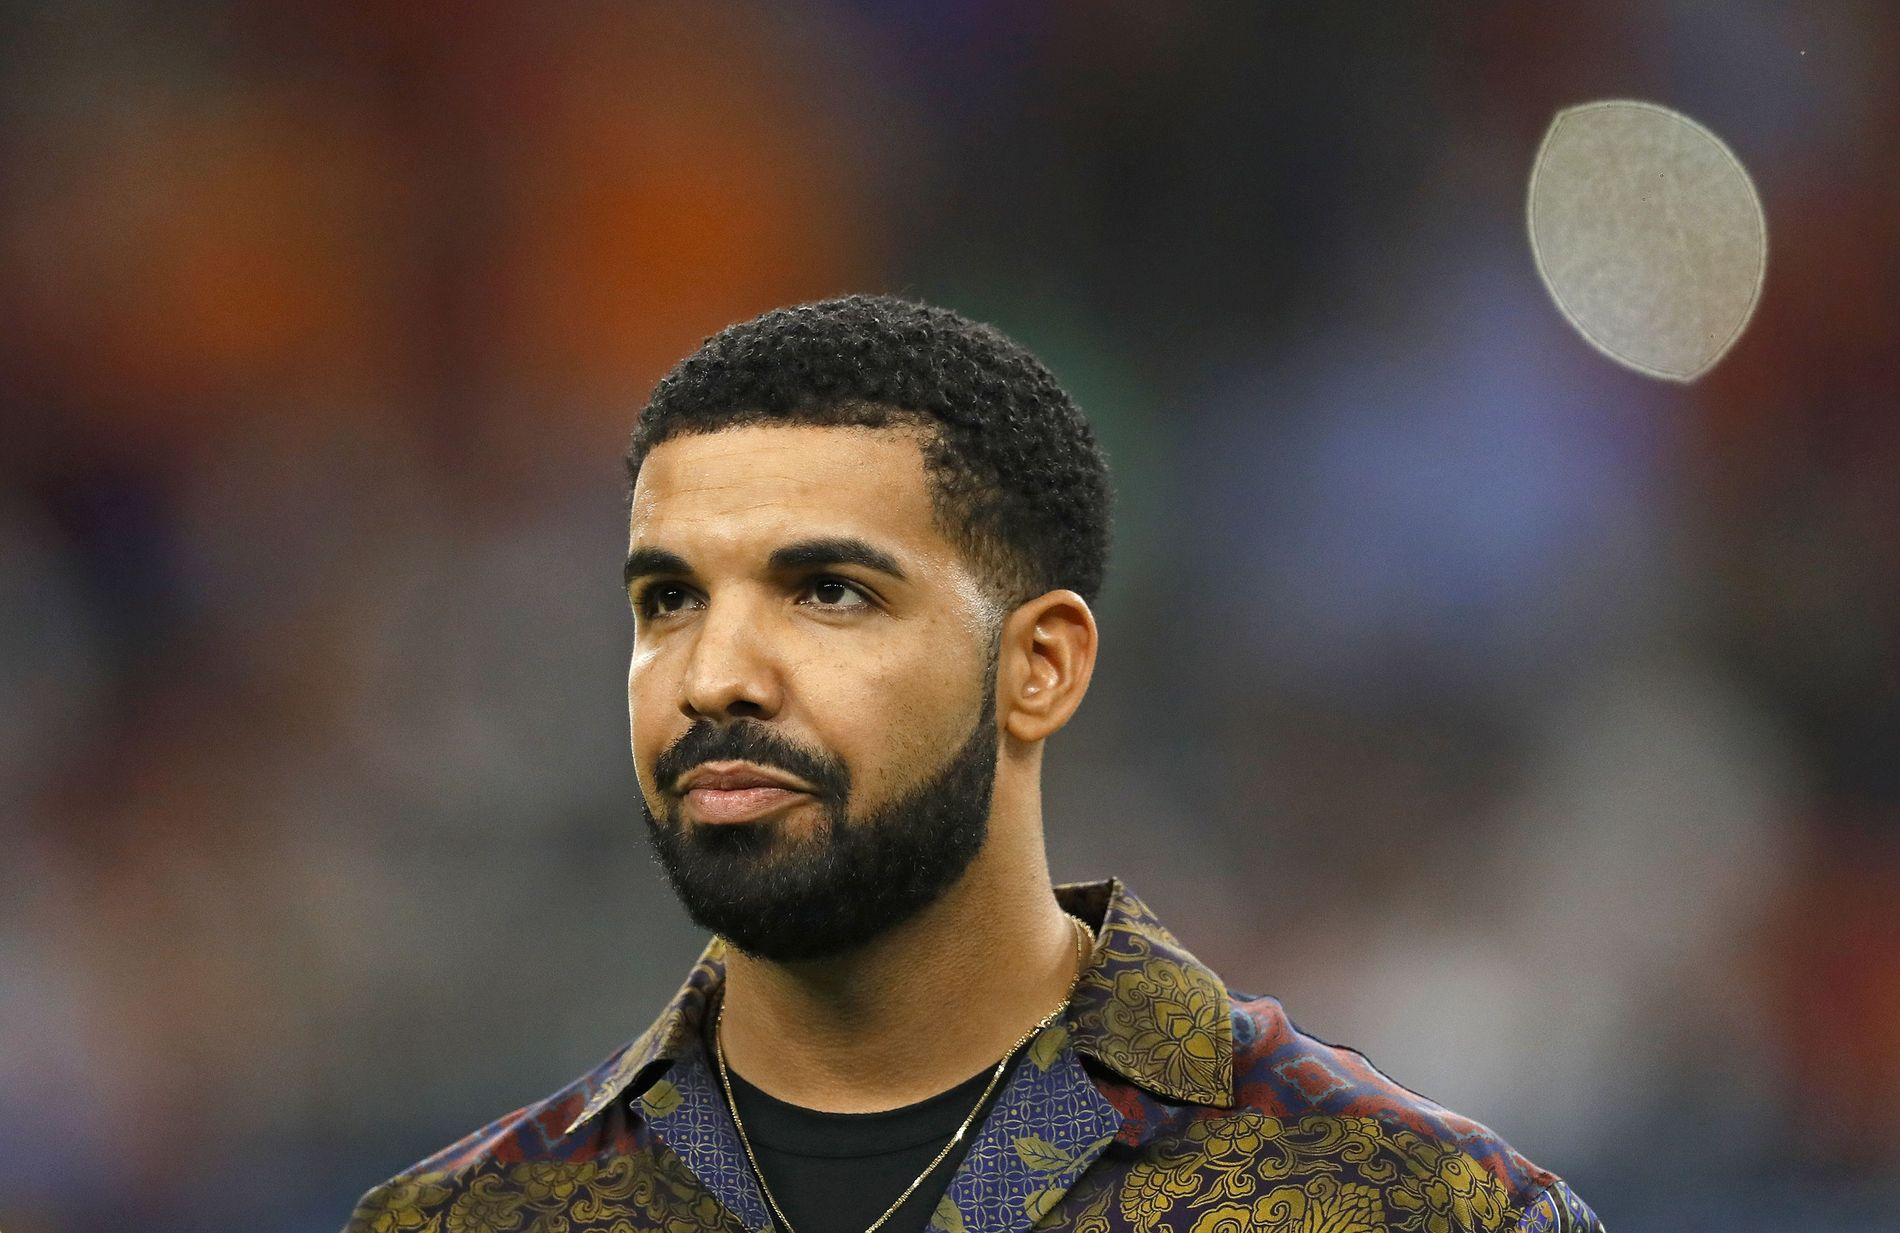 MISTET VENN: Rapperen Drake hyllet sin avdøde venn Smoke Dawg på Instagram. Her fra en fotballkamp i 2017.